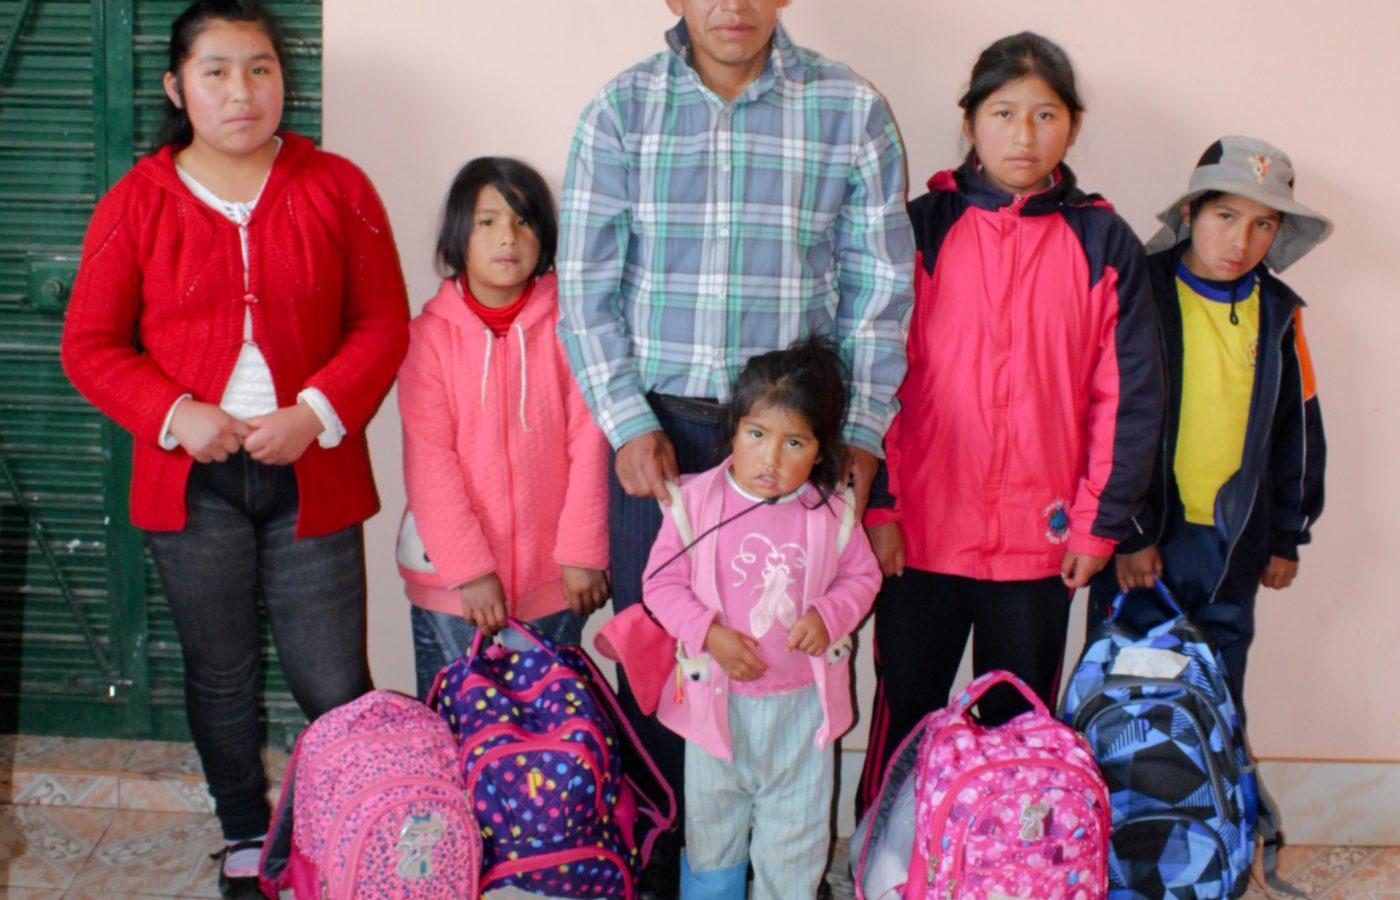 FAMILIA ATCCO CCORAHUA_REBECA_DANIELA_DAVID_DORIS_CESAR RODRIGO2